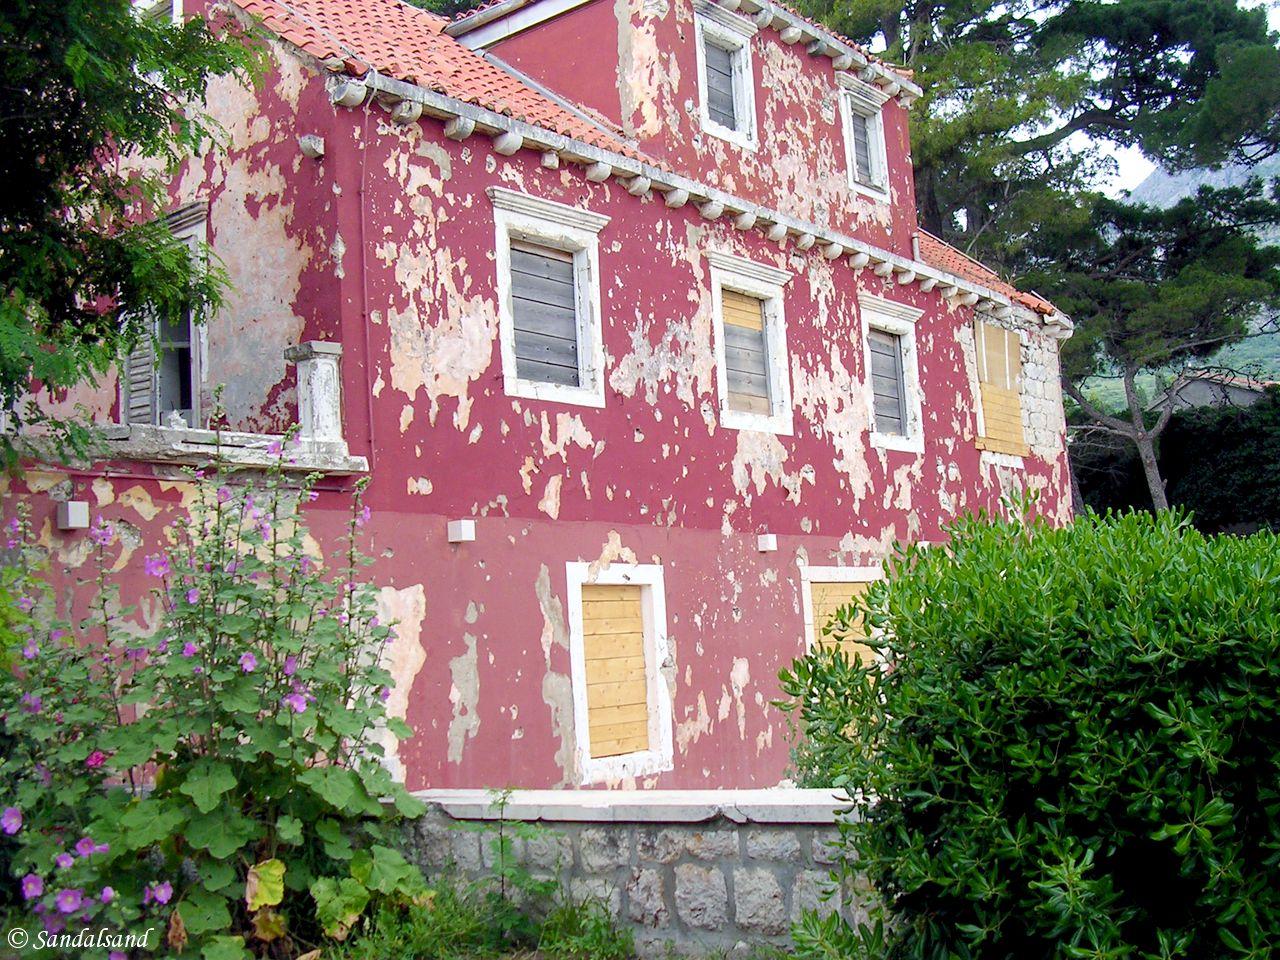 Croatia - Župa Dubrovačka - Bullet holes in house